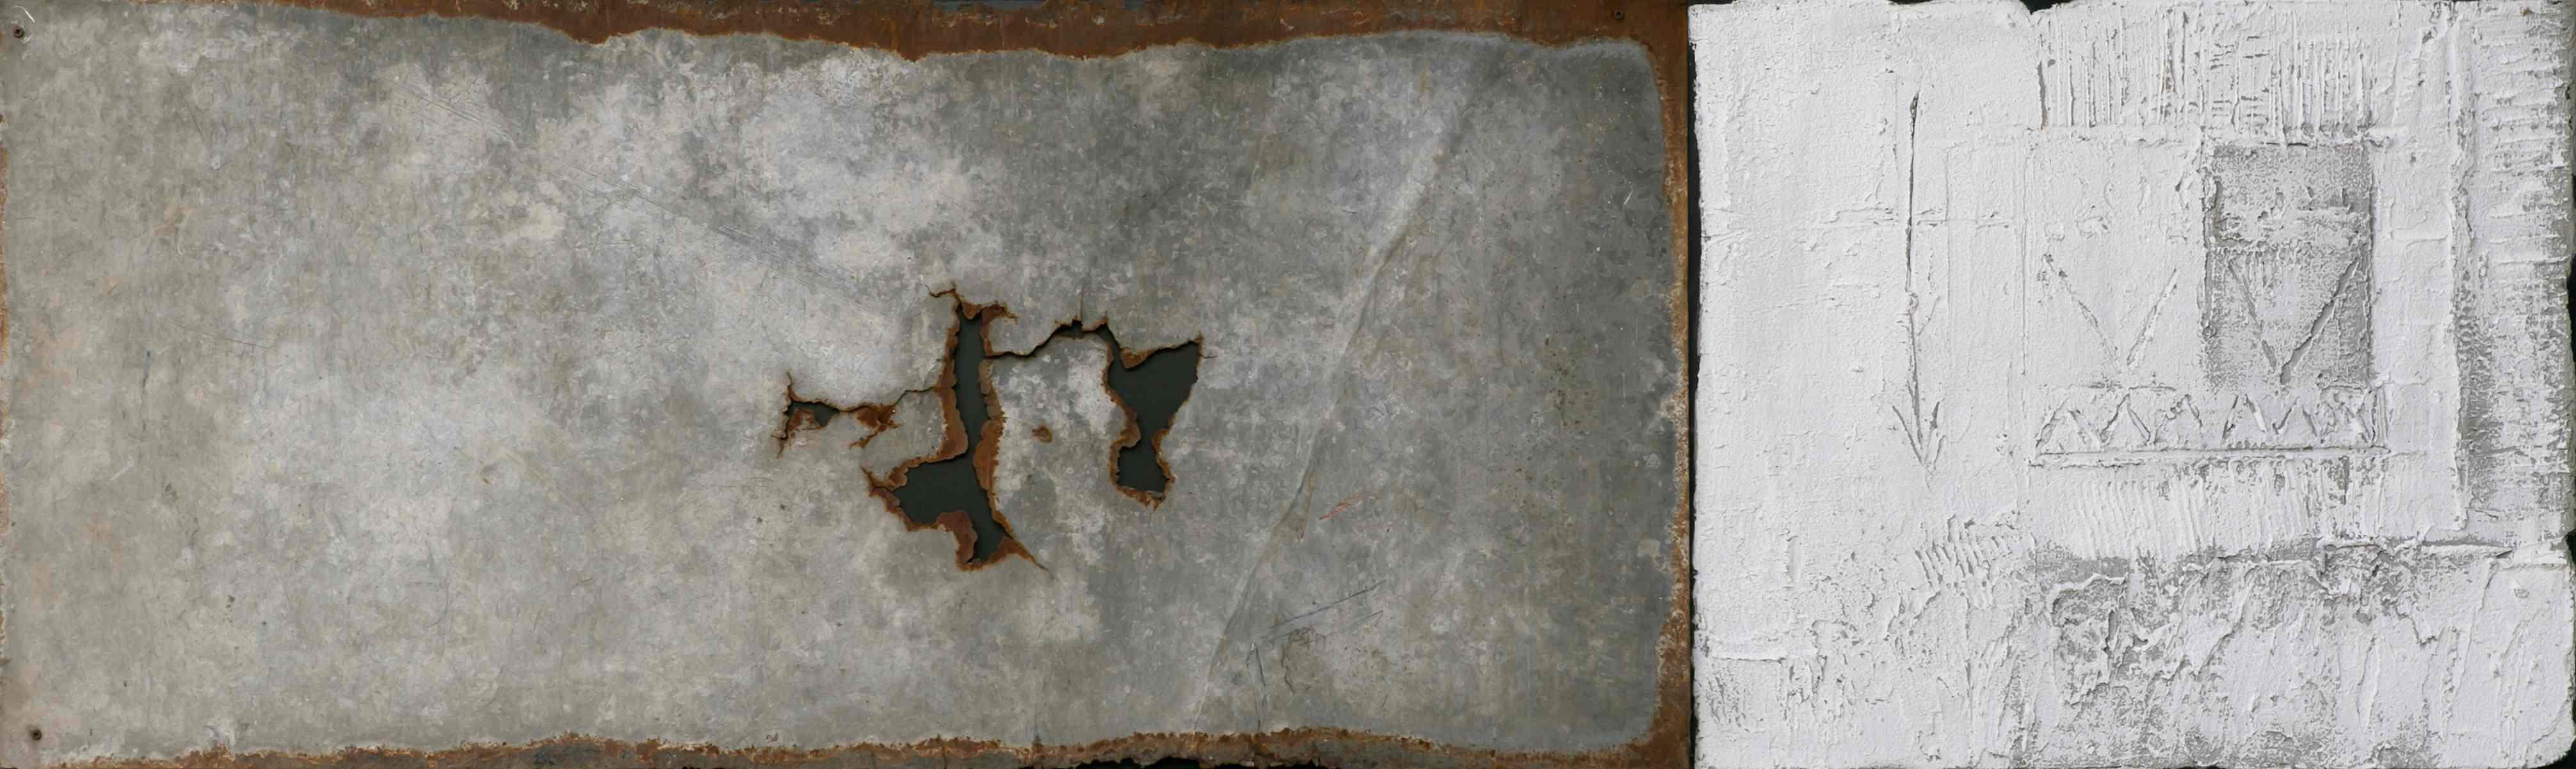 Strutture, tecnica mista e ferro combusto su tavola, 150x45, 2004